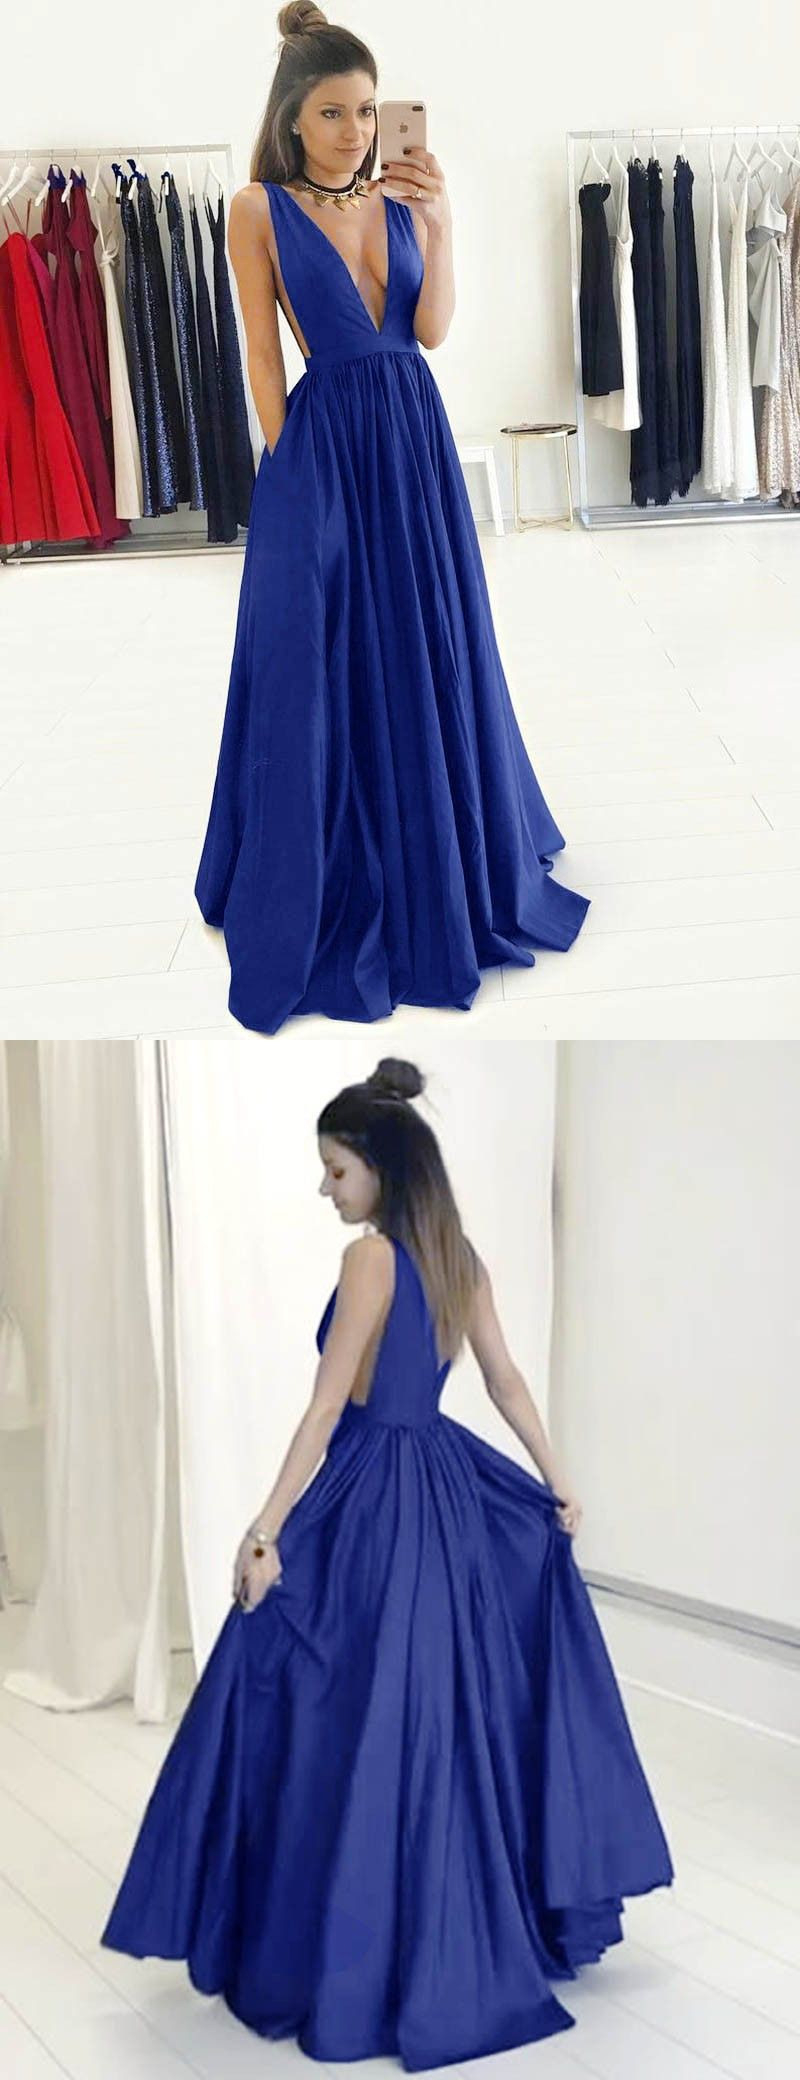 Designer Wunderbar Abendkleid Tiefer Ausschnitt StylishFormal Genial Abendkleid Tiefer Ausschnitt Spezialgebiet